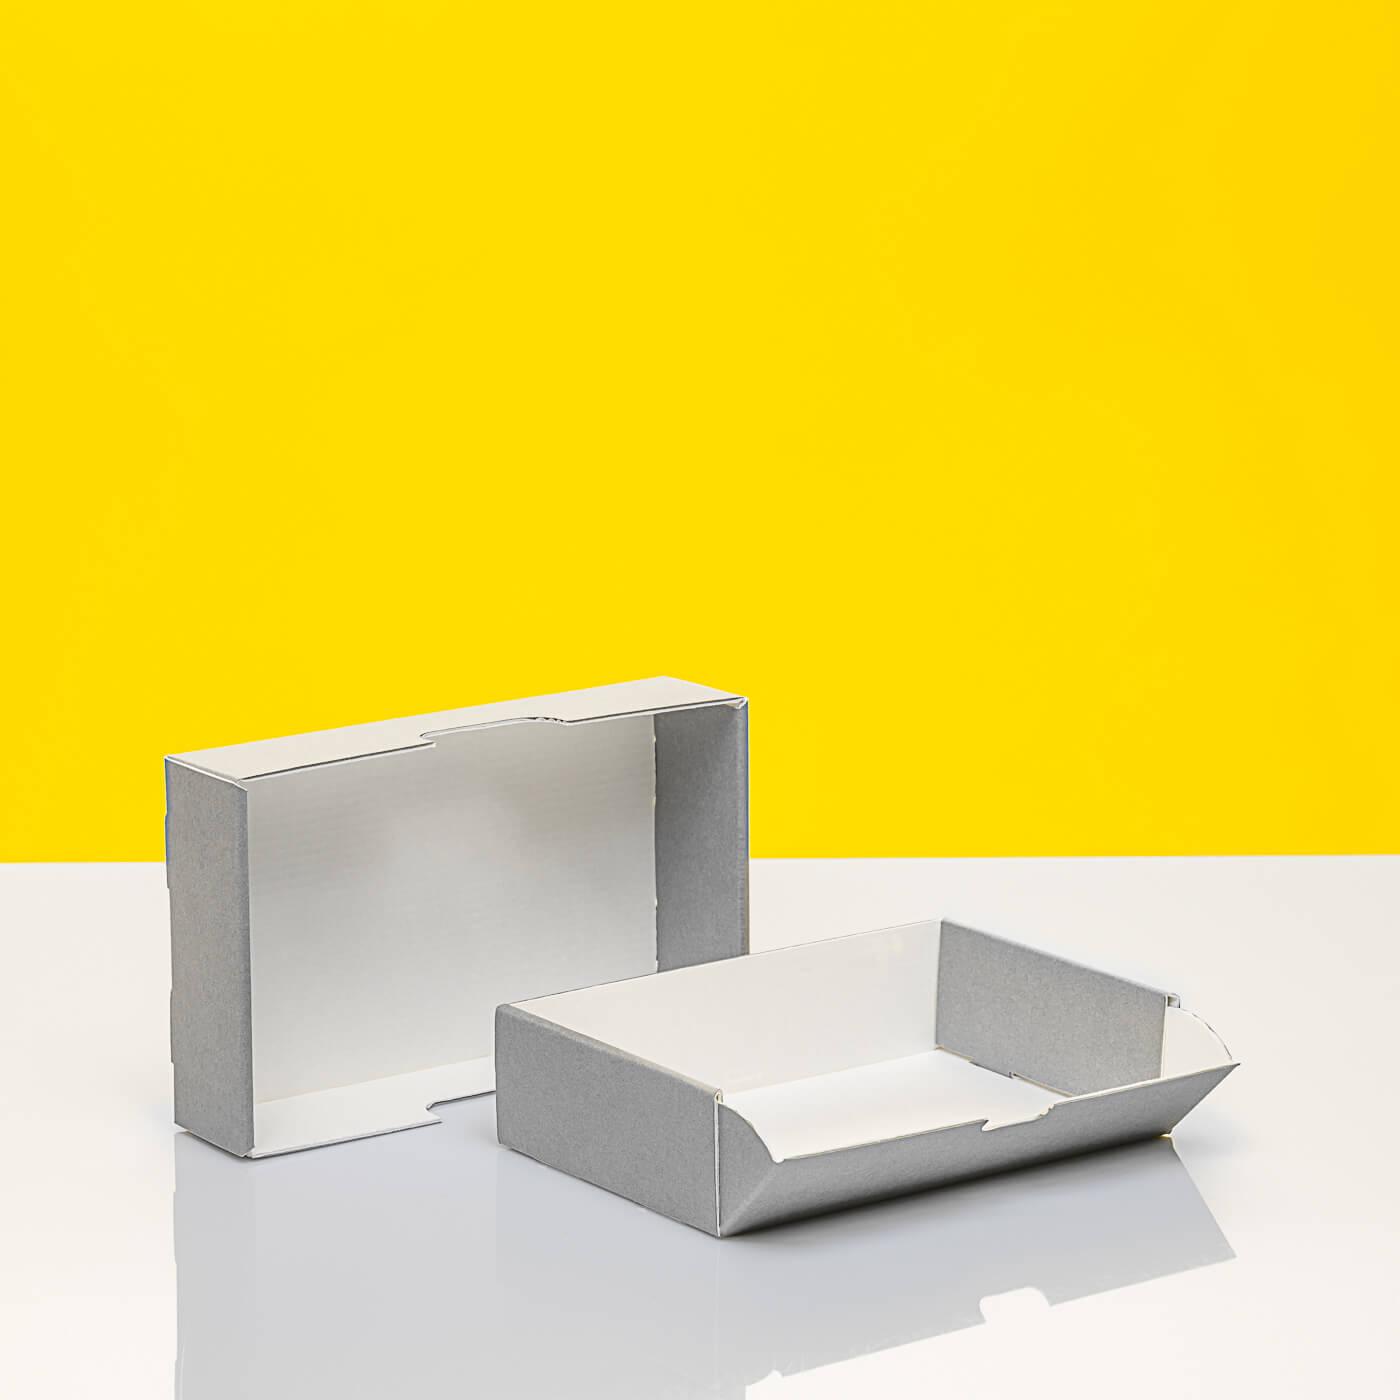 Stülpschachtel mit einer aufklappbaren Seite